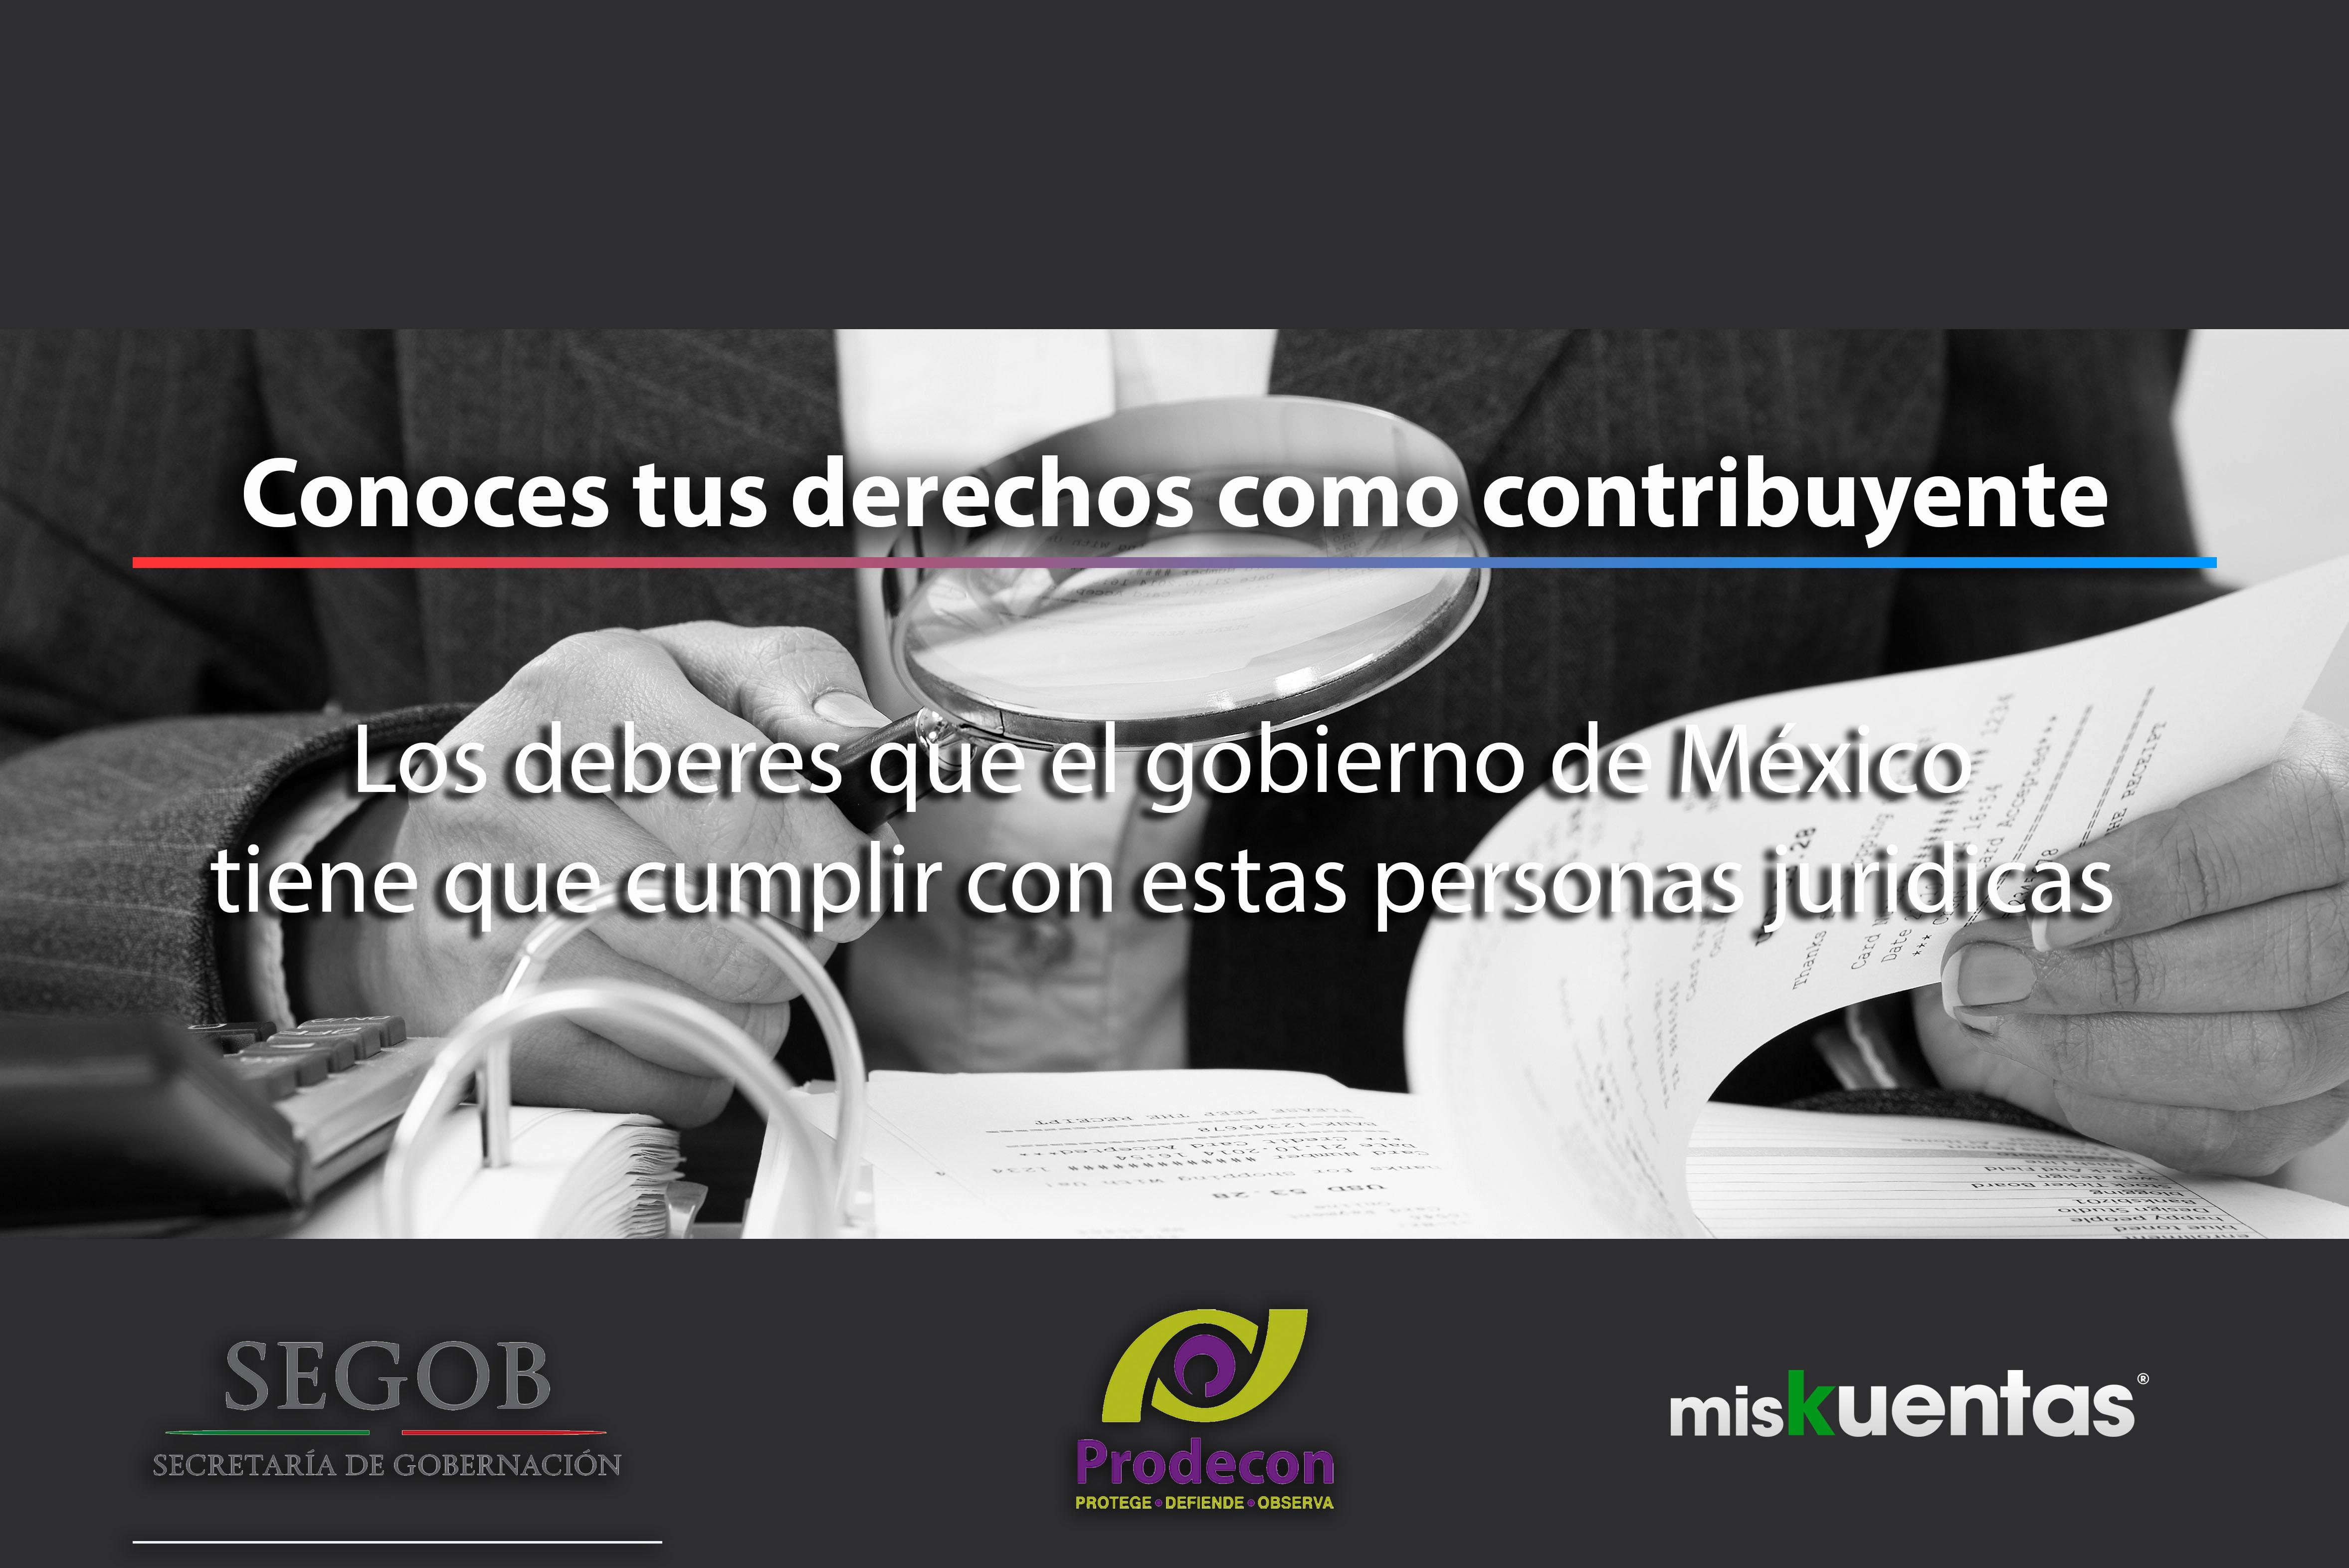 Los deberes que el gobierno de México tiene que cumplir con los derechos del contribuyentes